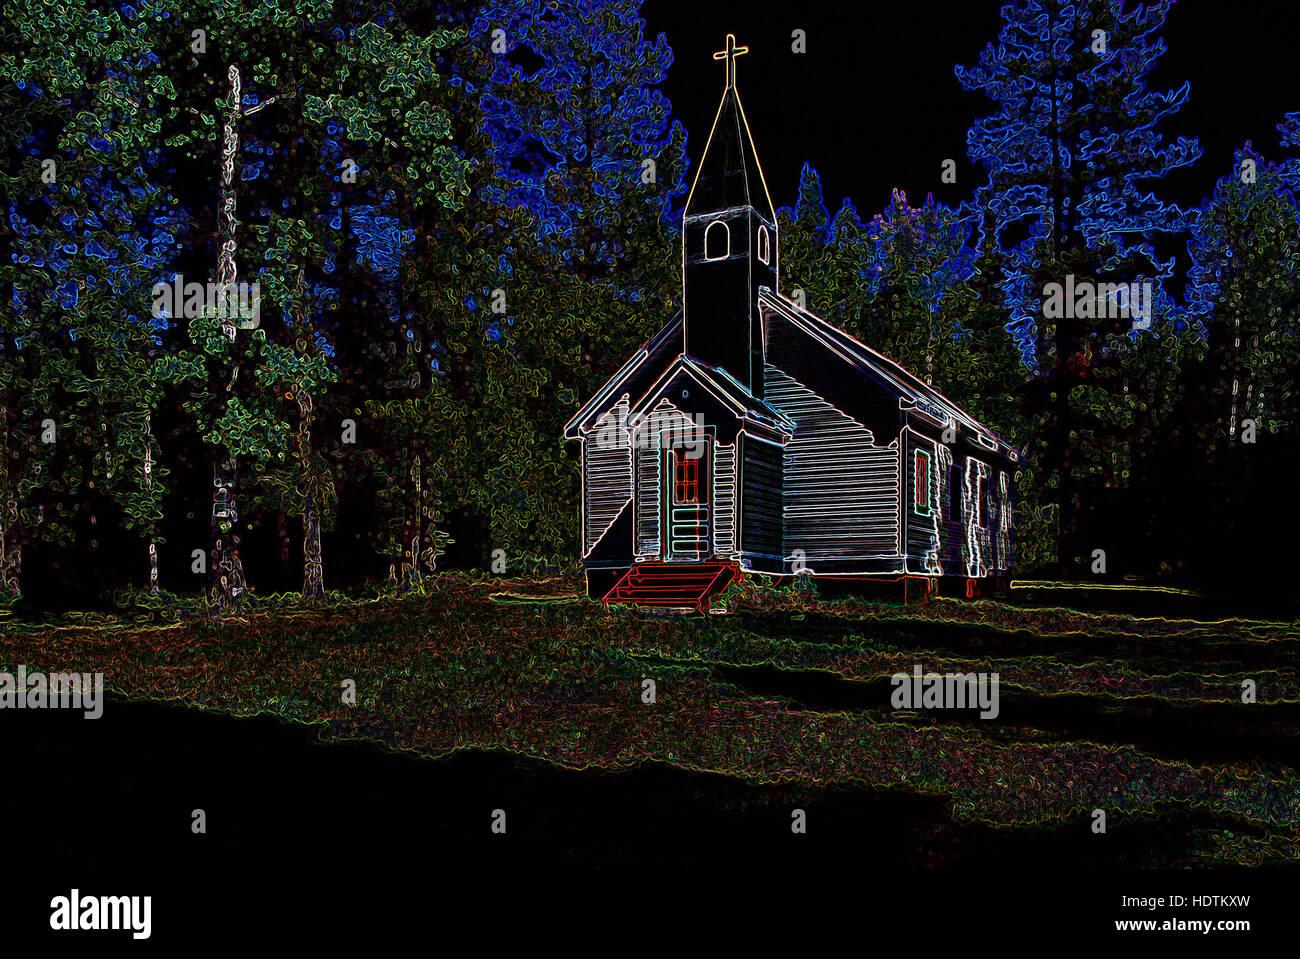 Kleine ländliche Holzkirche - digital manipulierte Bild mit leuchtenden Kanten, abstrakte Architektur Stockbild